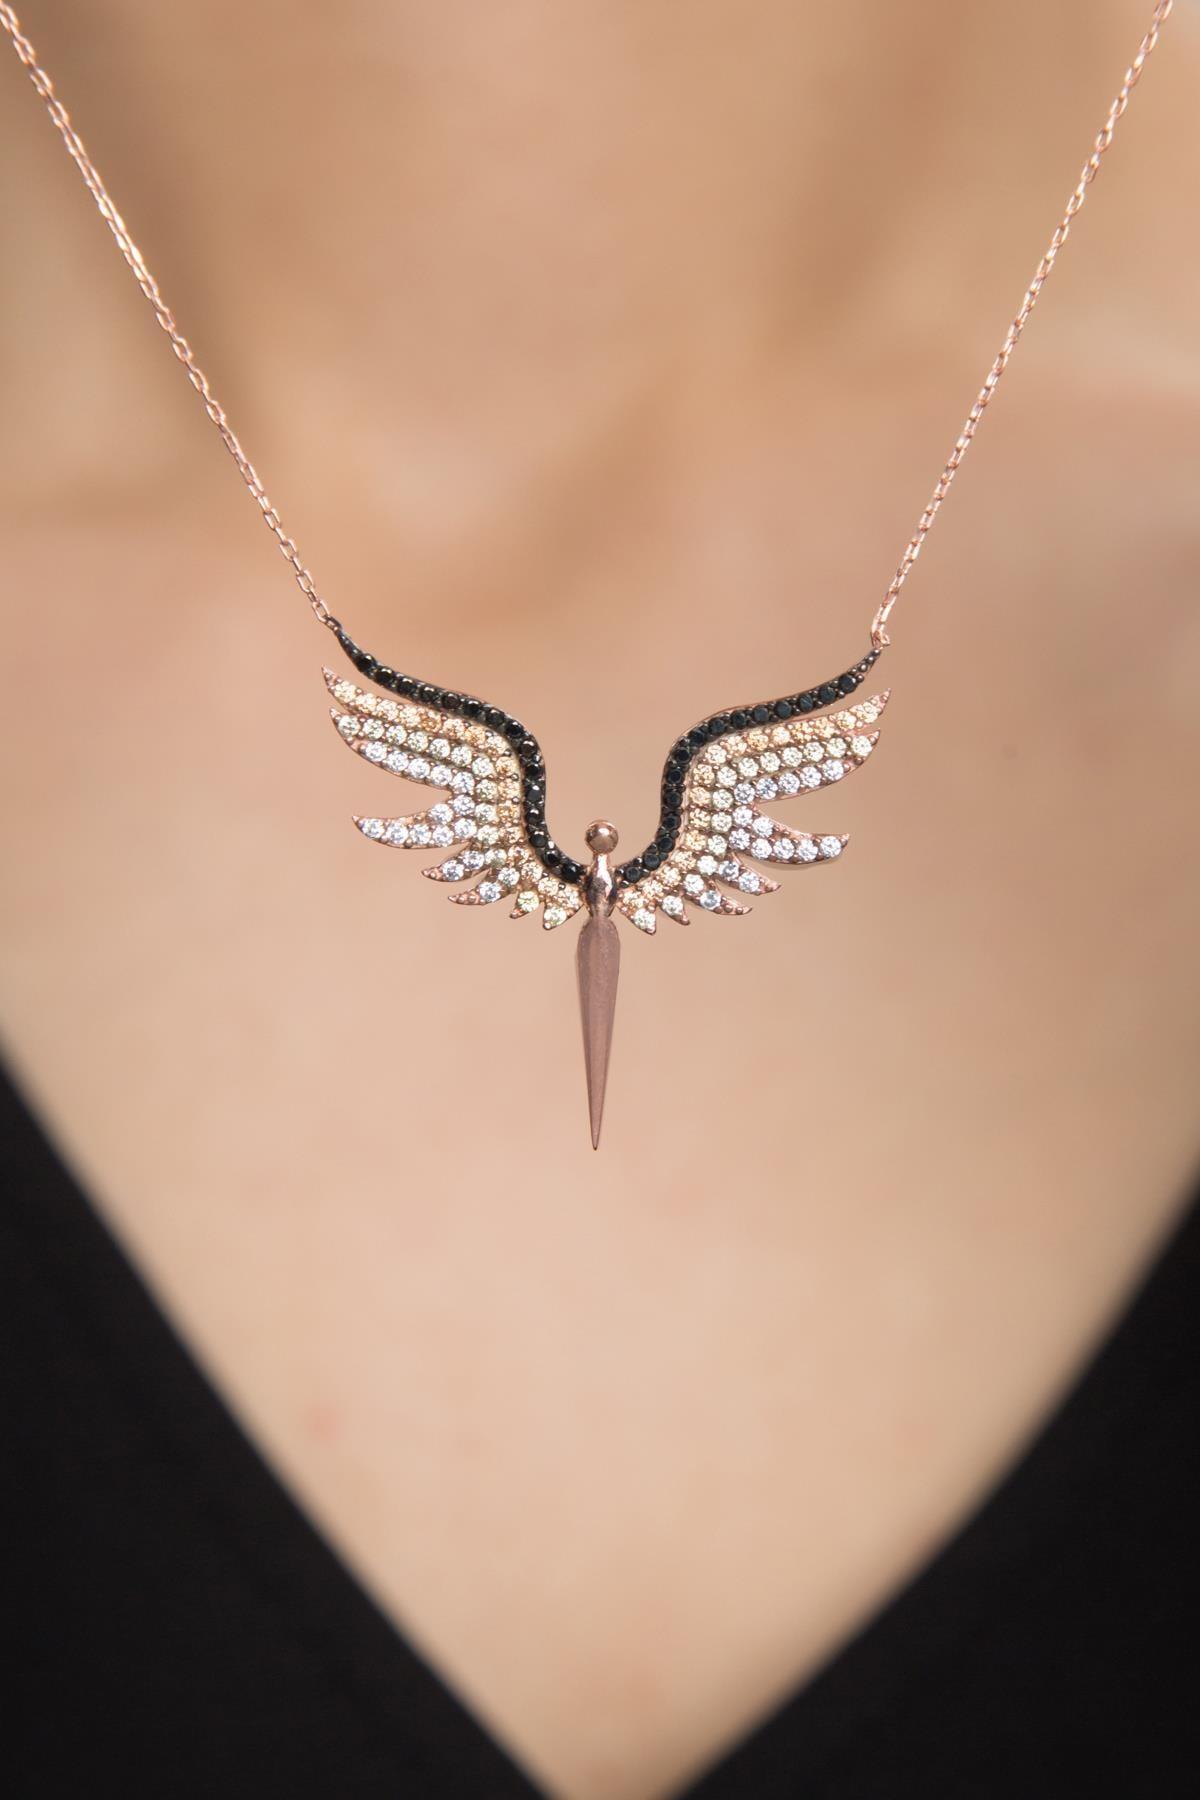 Elika Silver Kadın Melek Model Zirkon Taşlı 925 Ayar Gümüş Kolye PP2346 0